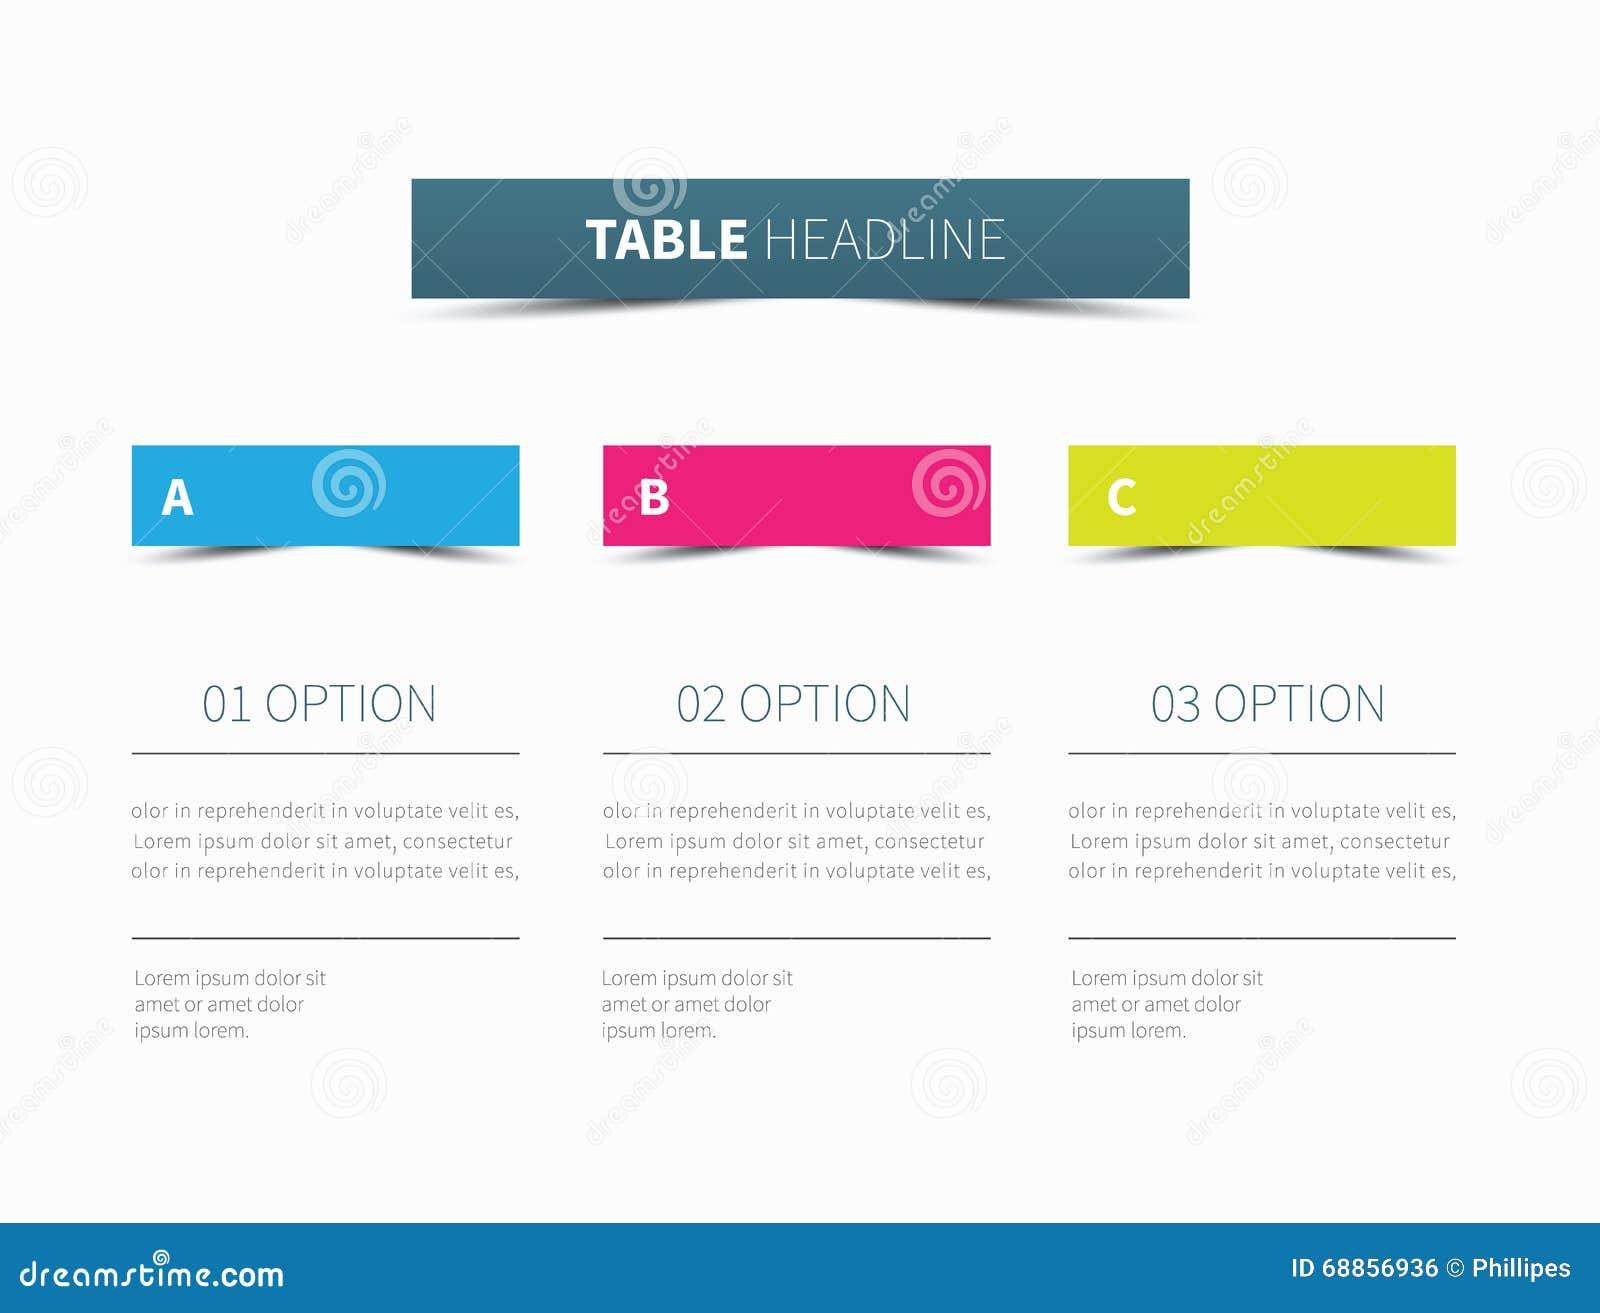 tabular stock illustrations tabular stock illustrations infographic tabular graphic royalty stock image